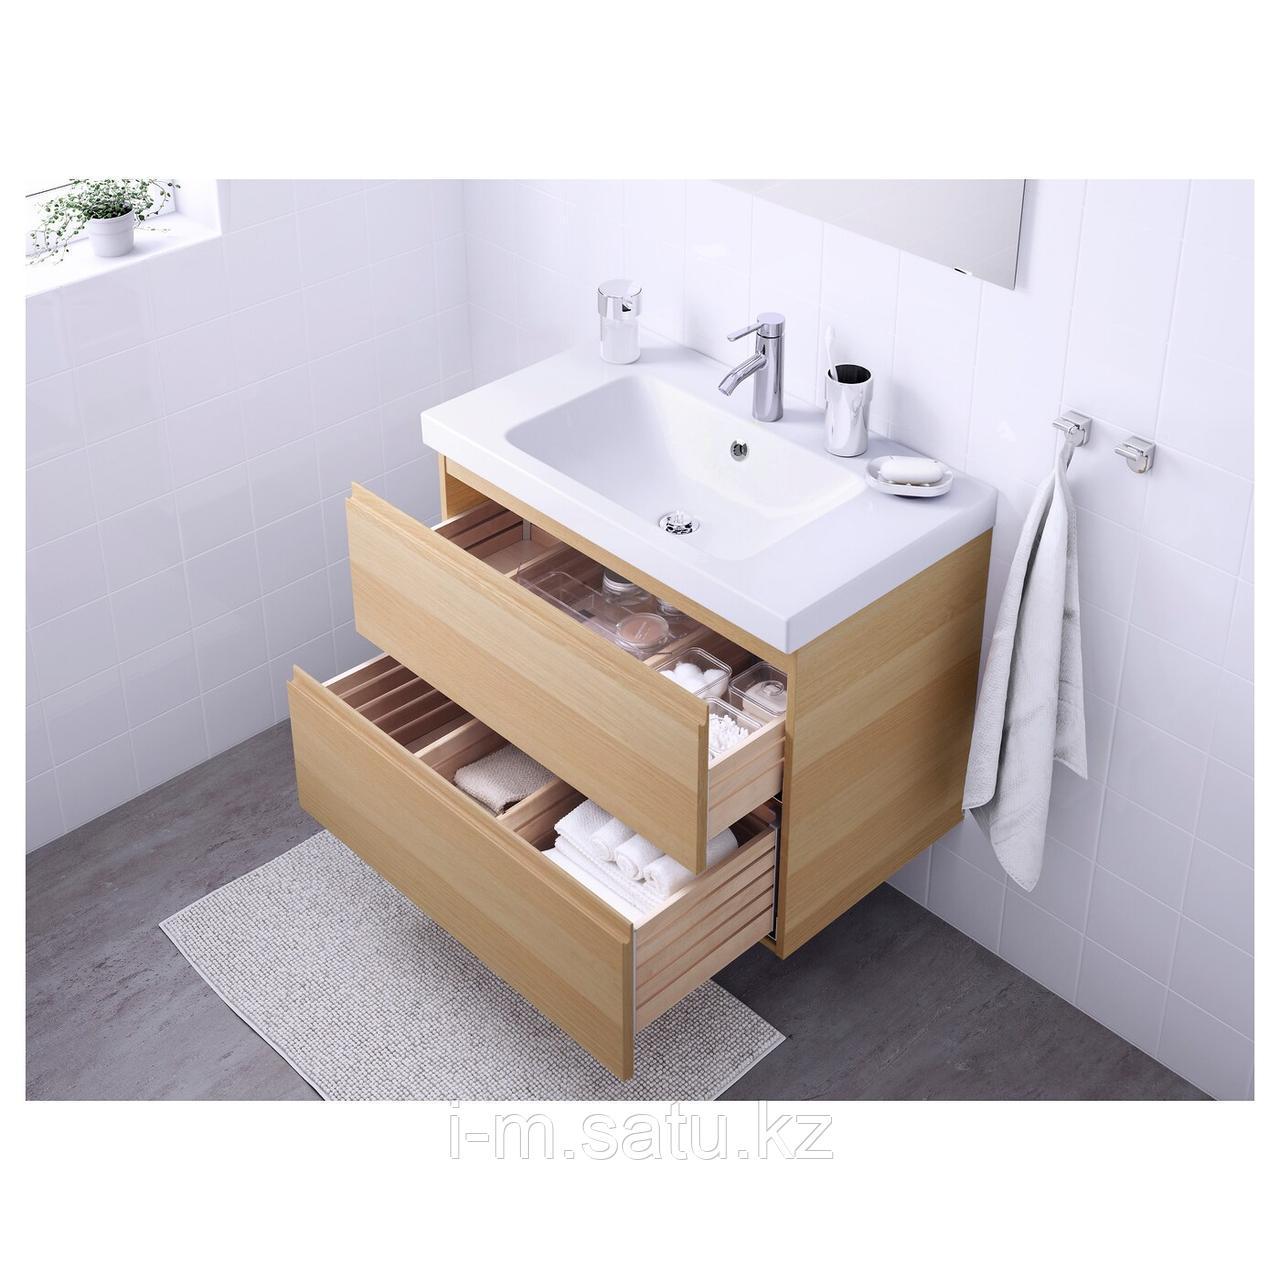 ГОДМОРГОН / ОДЕНСВИК Шкаф для раковины с 2 ящ, под беленый дуб, ДАЛЬШЕР смеситель, 83x49x64 см